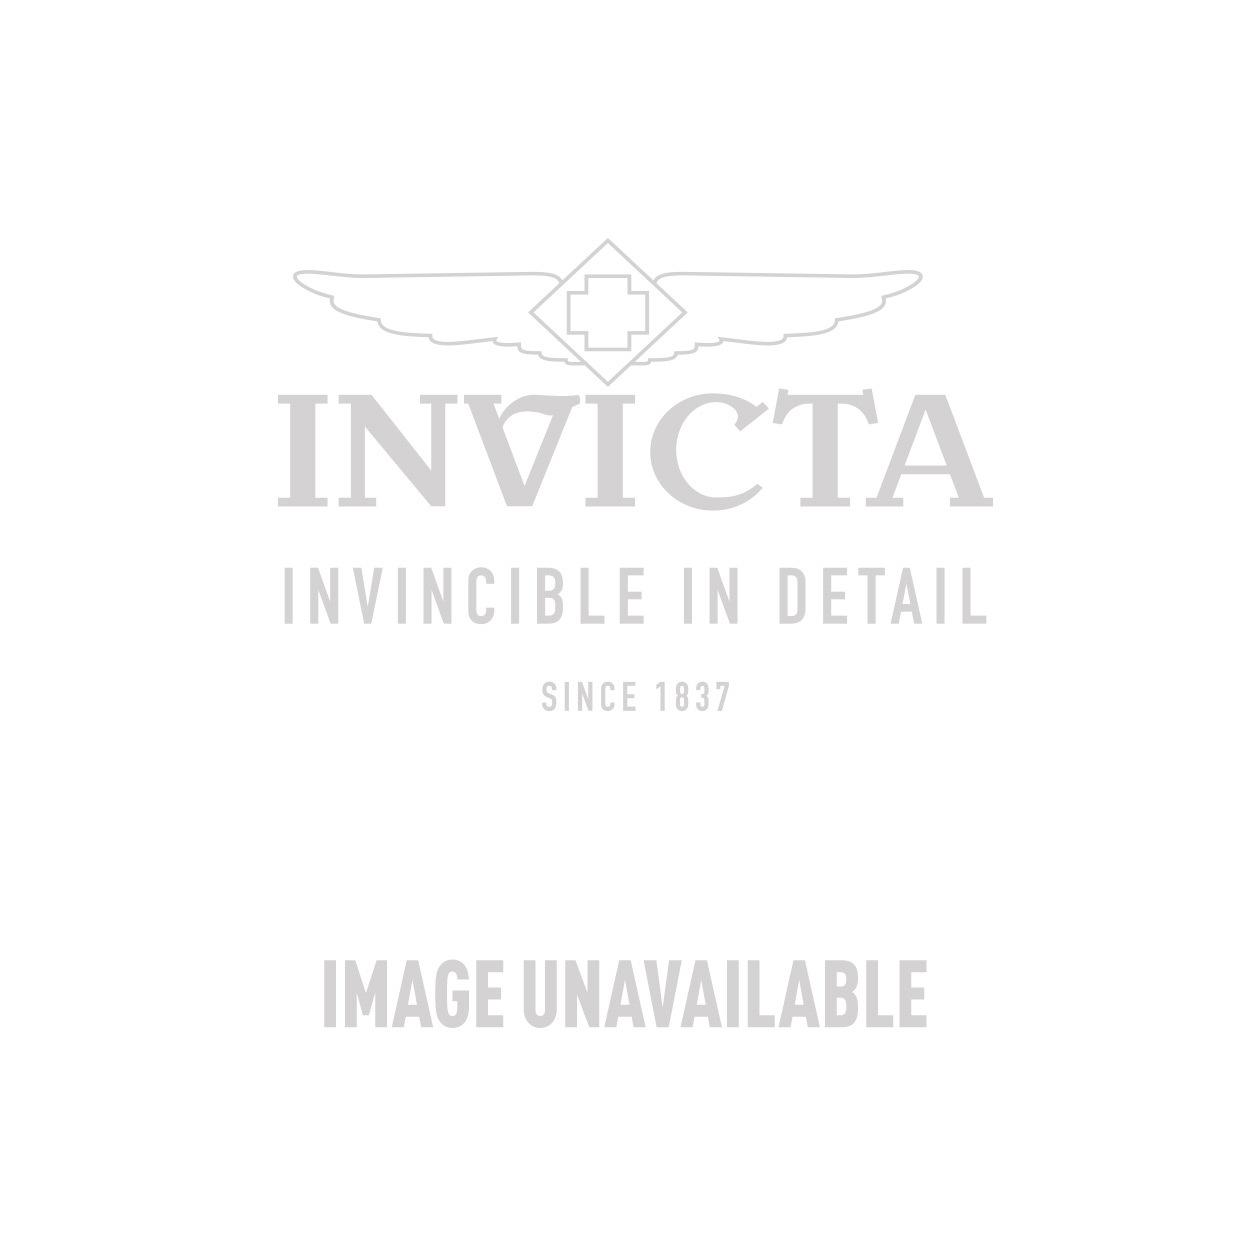 Invicta Model 25534